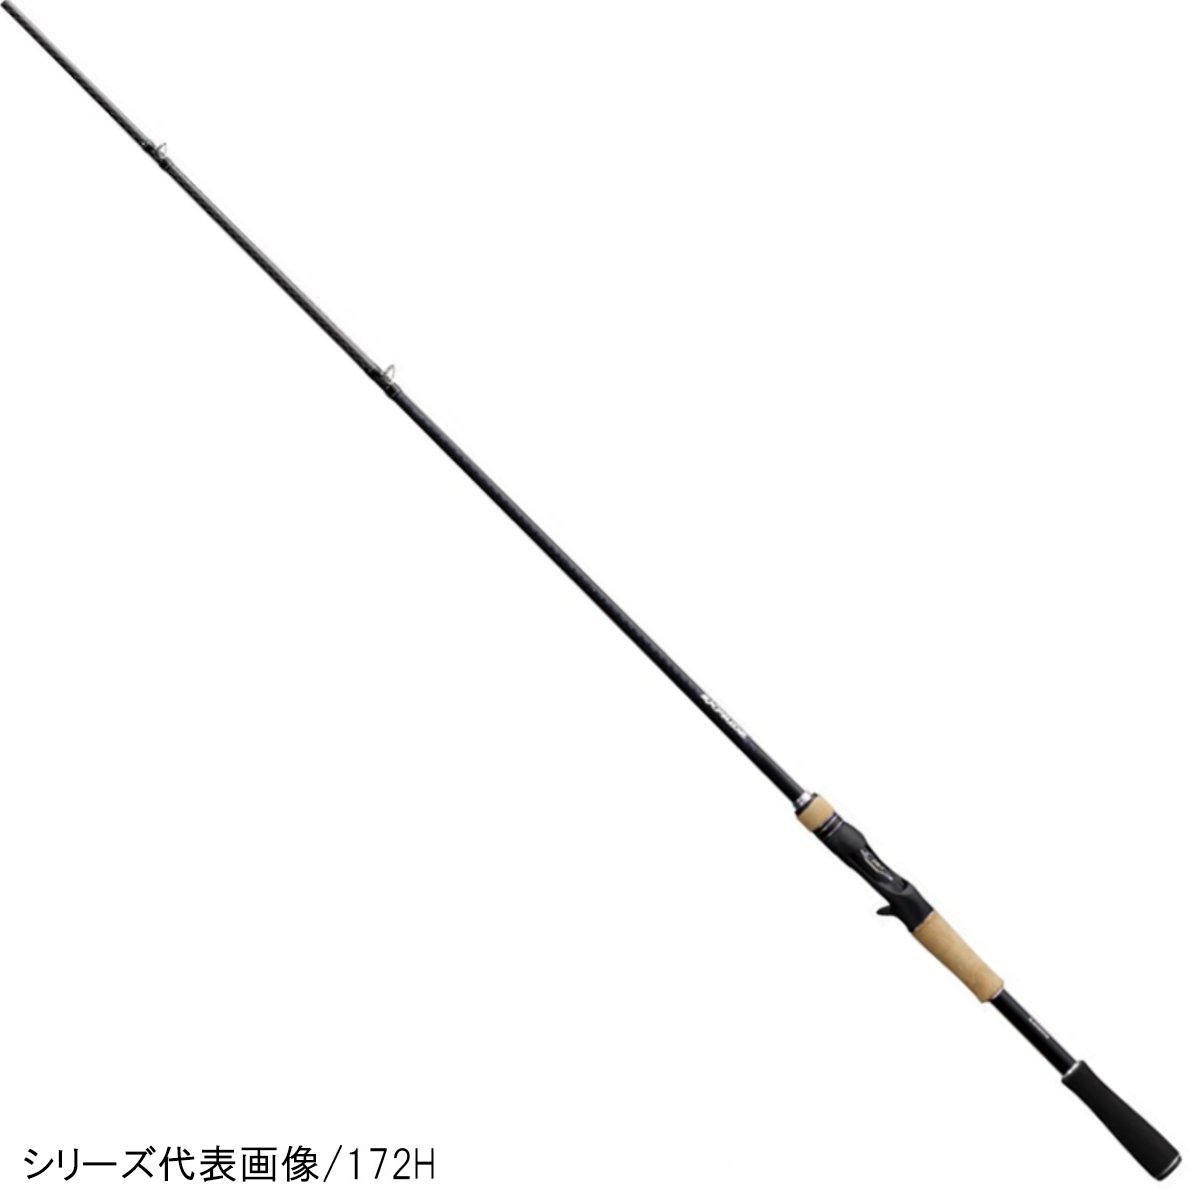 シマノ エクスプライド 168L-BFS/2